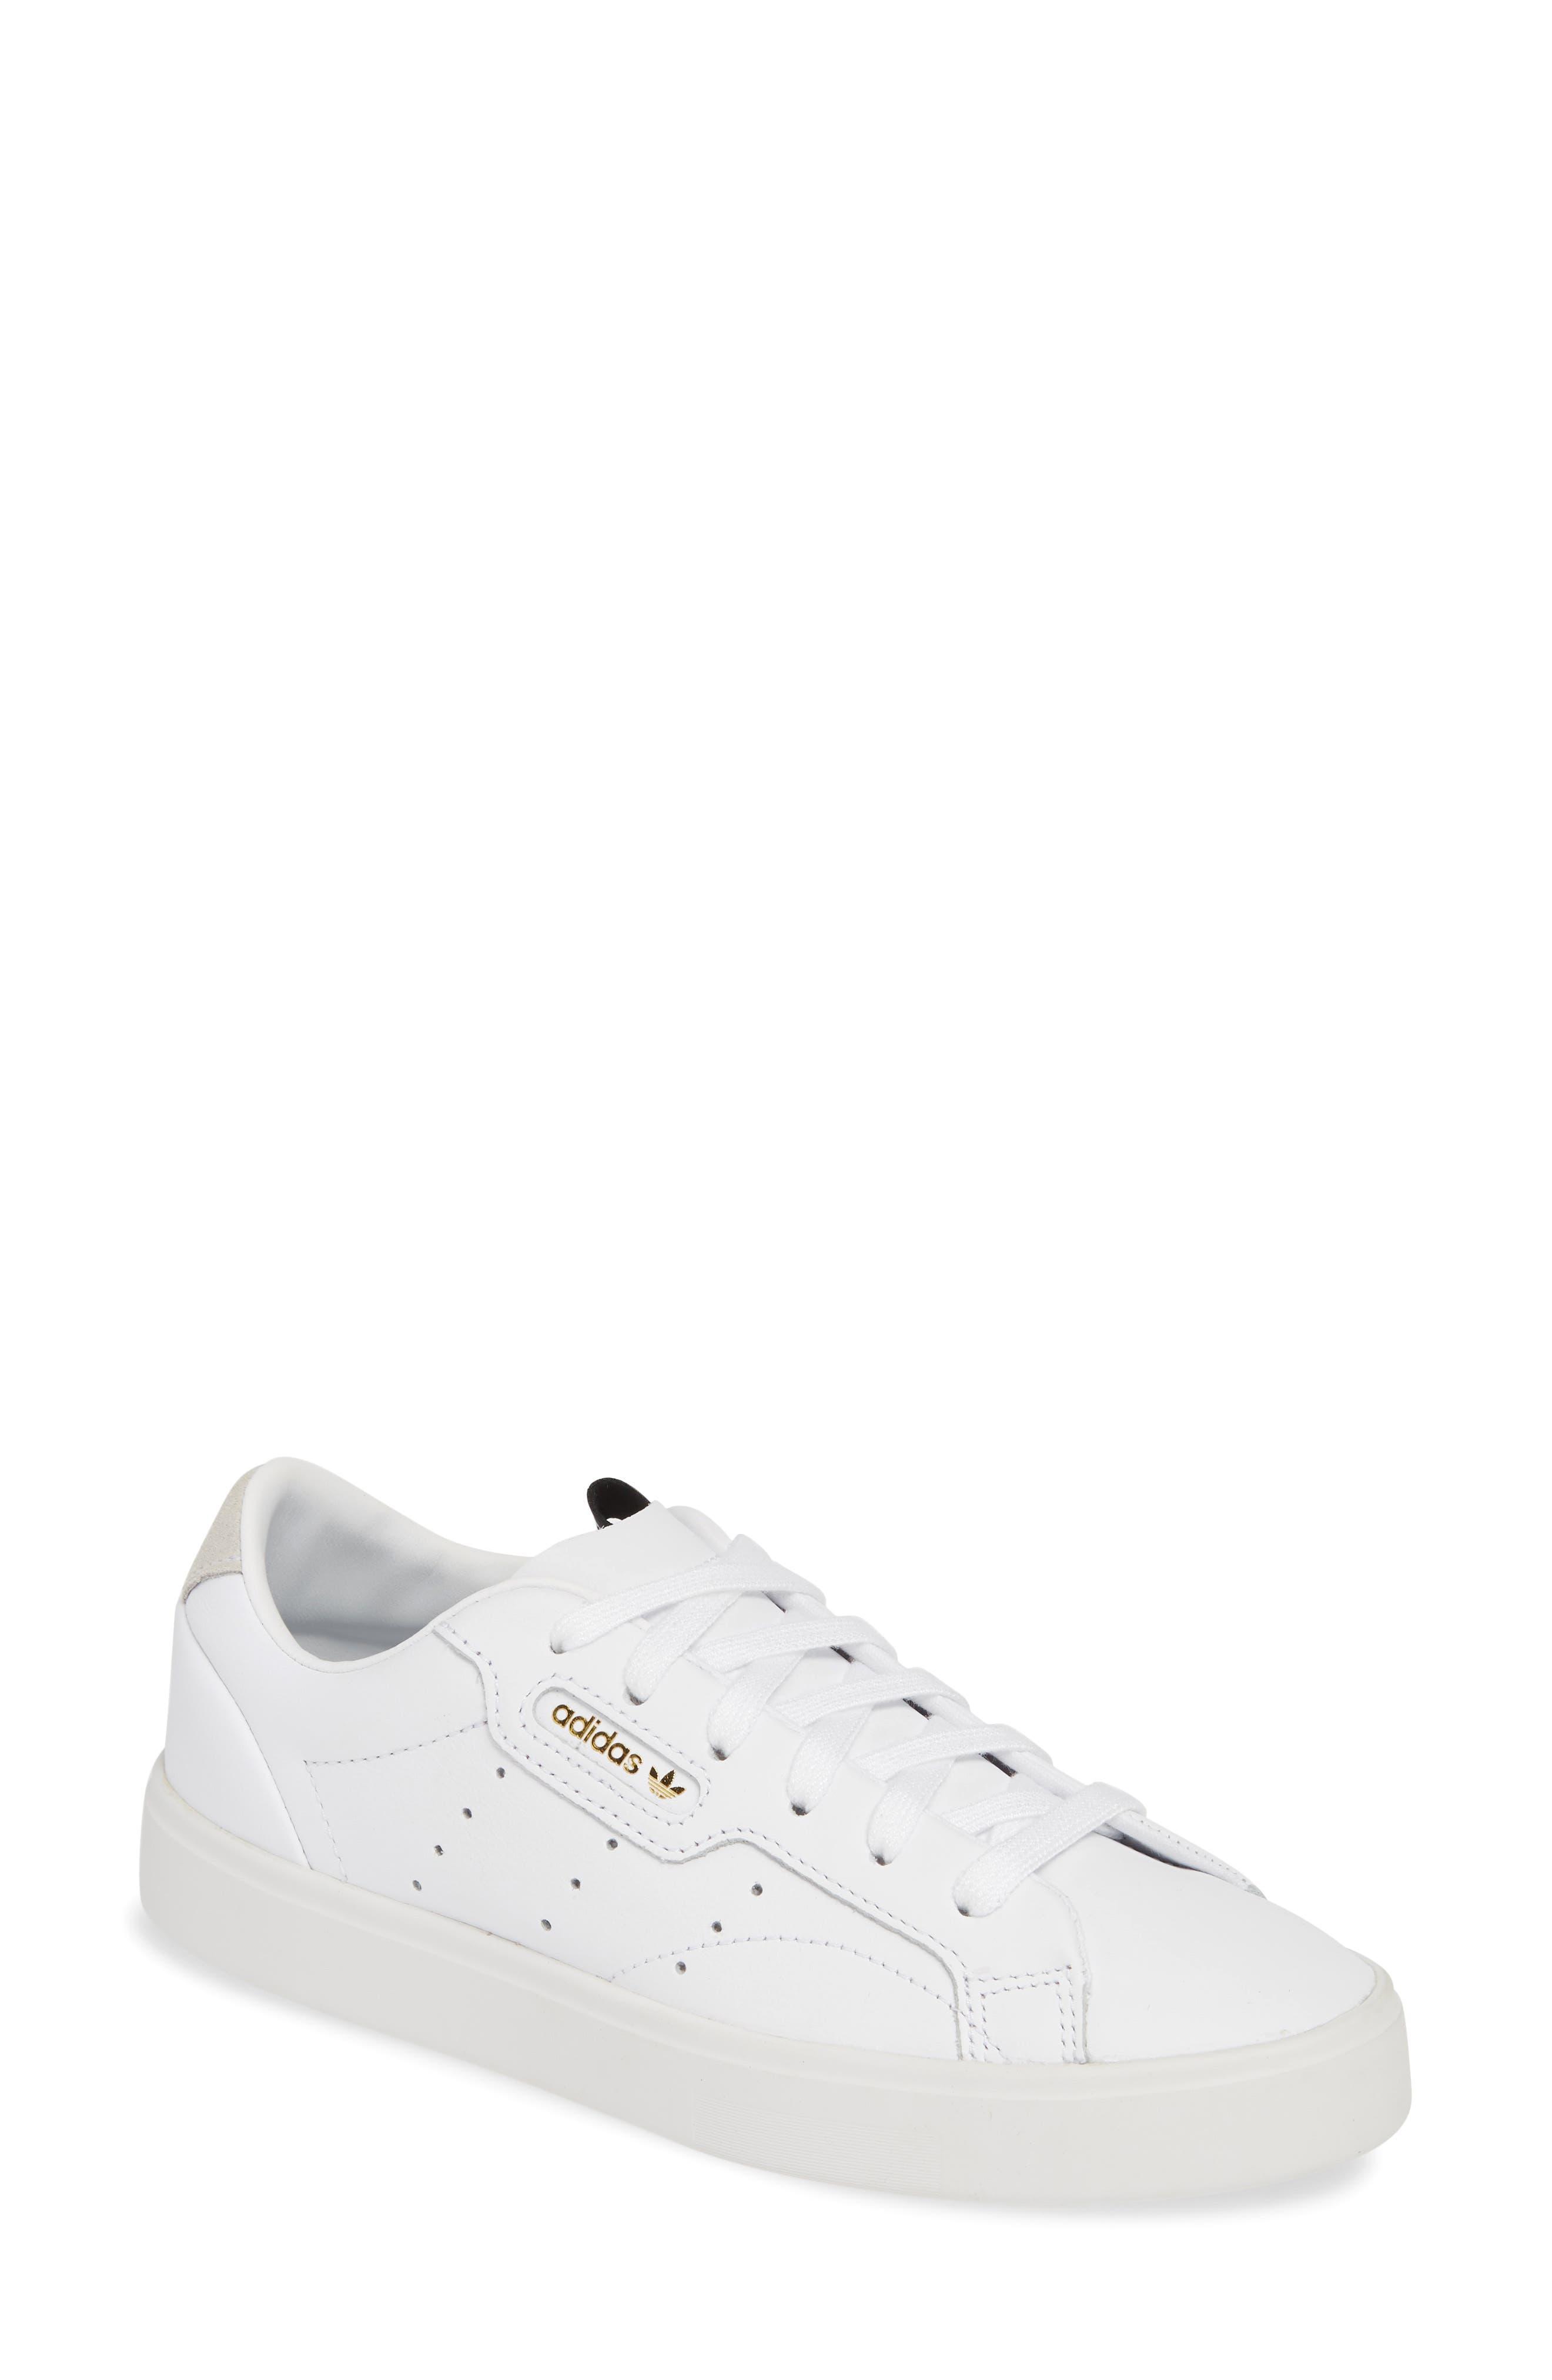 adidas Sleek Leather Sneaker (Women